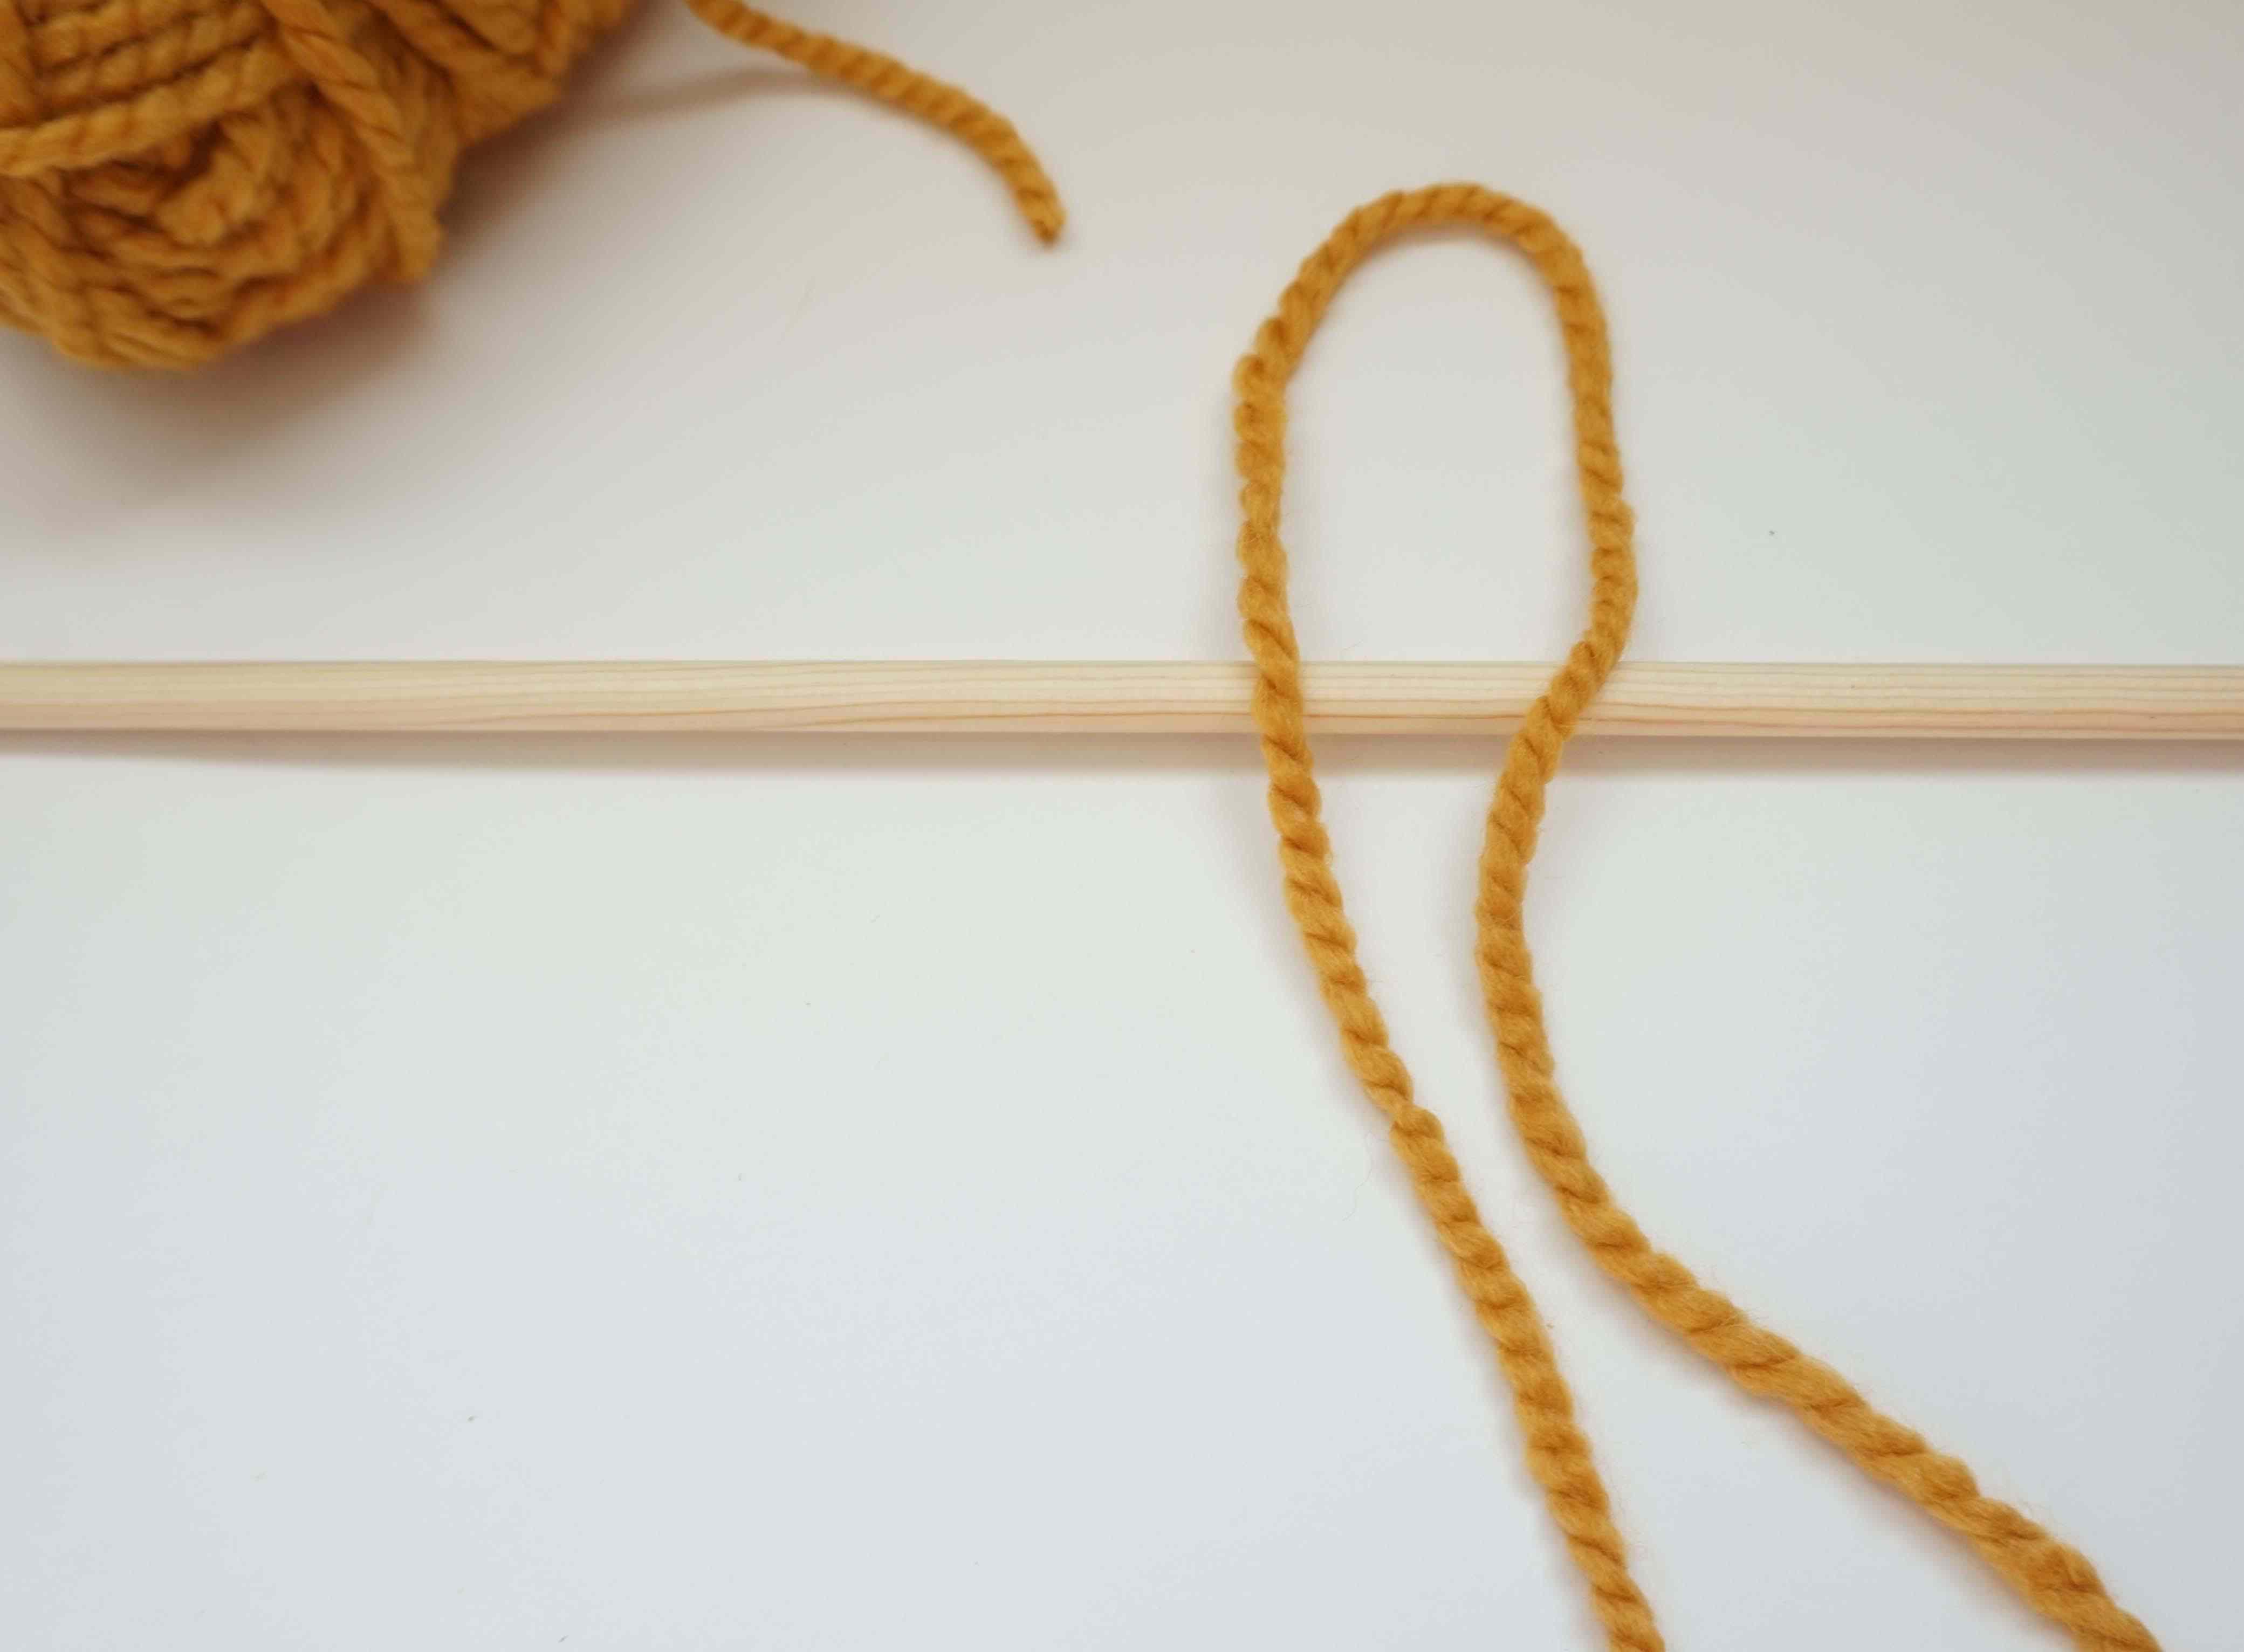 Yarn looped over dowel.